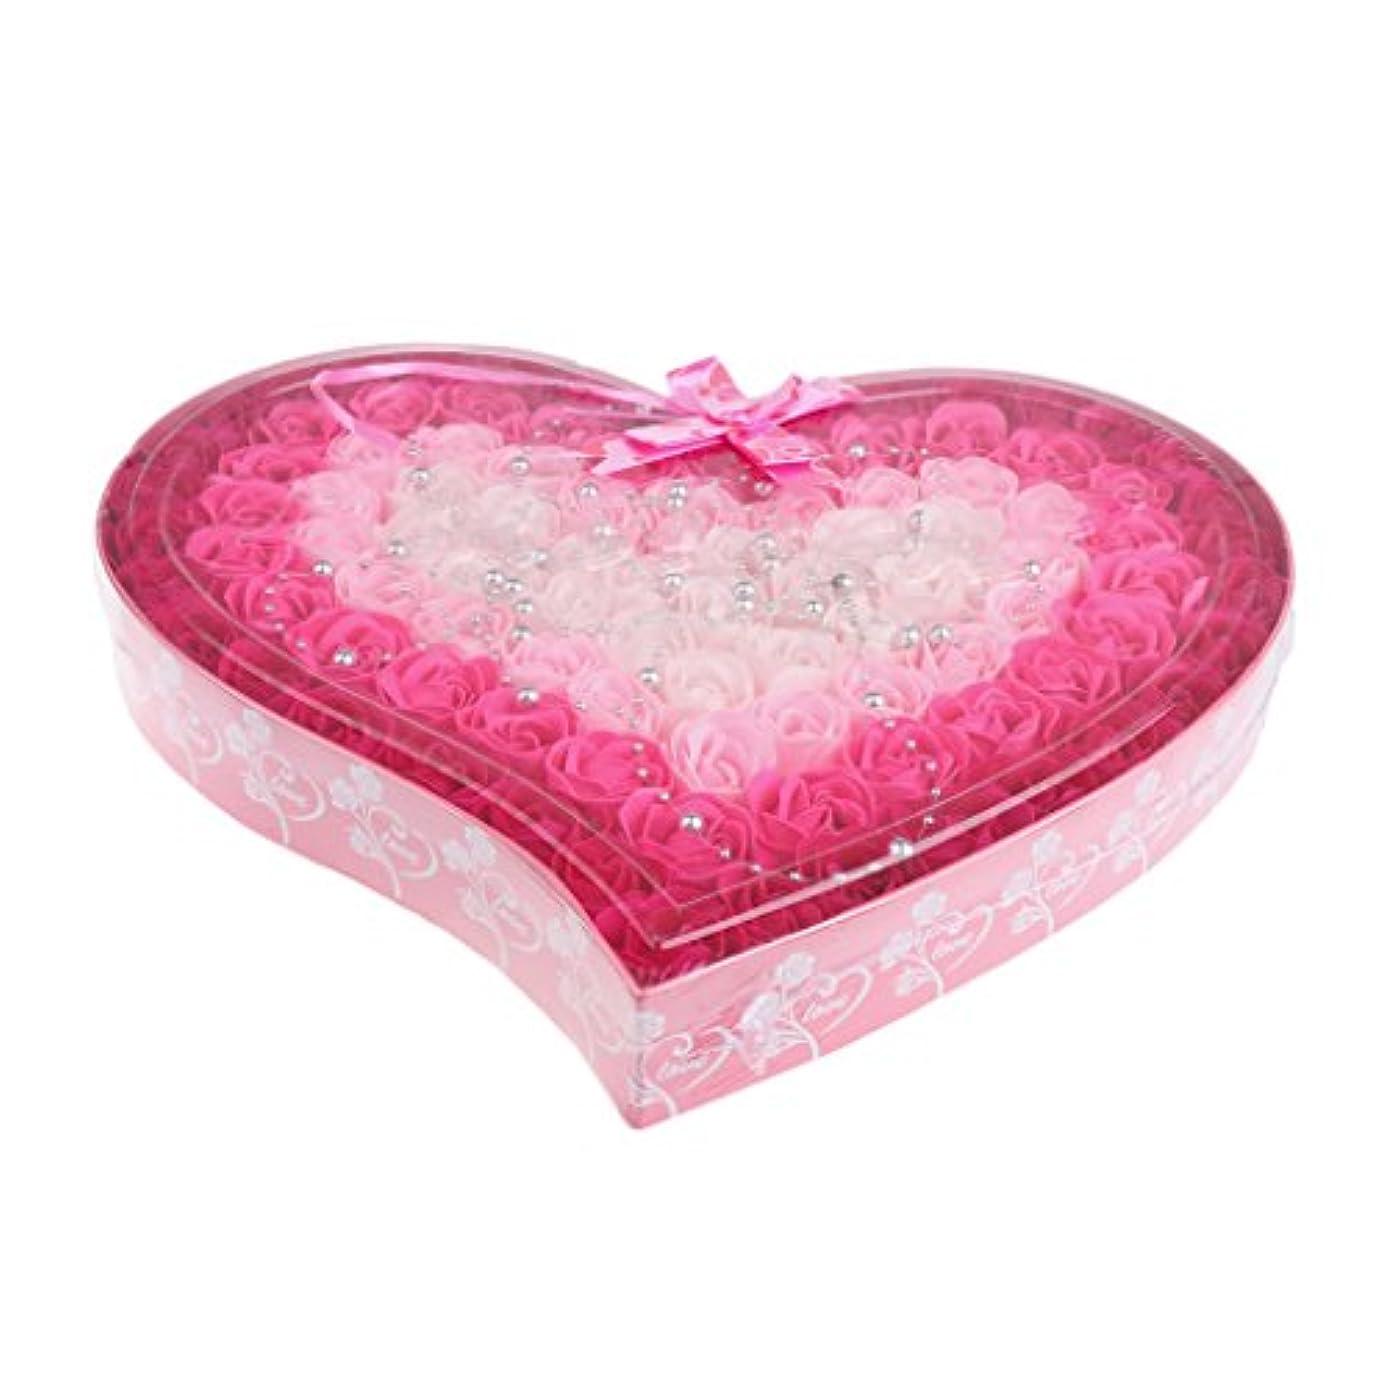 いとこ民兵ブリード約100個 ソープフラワー 石鹸の花 母の日 心の形 ギフトボックス バレンタインデー ホワイトデー 母の日 結婚記念日 プレゼント 4色選択可 - ピンク